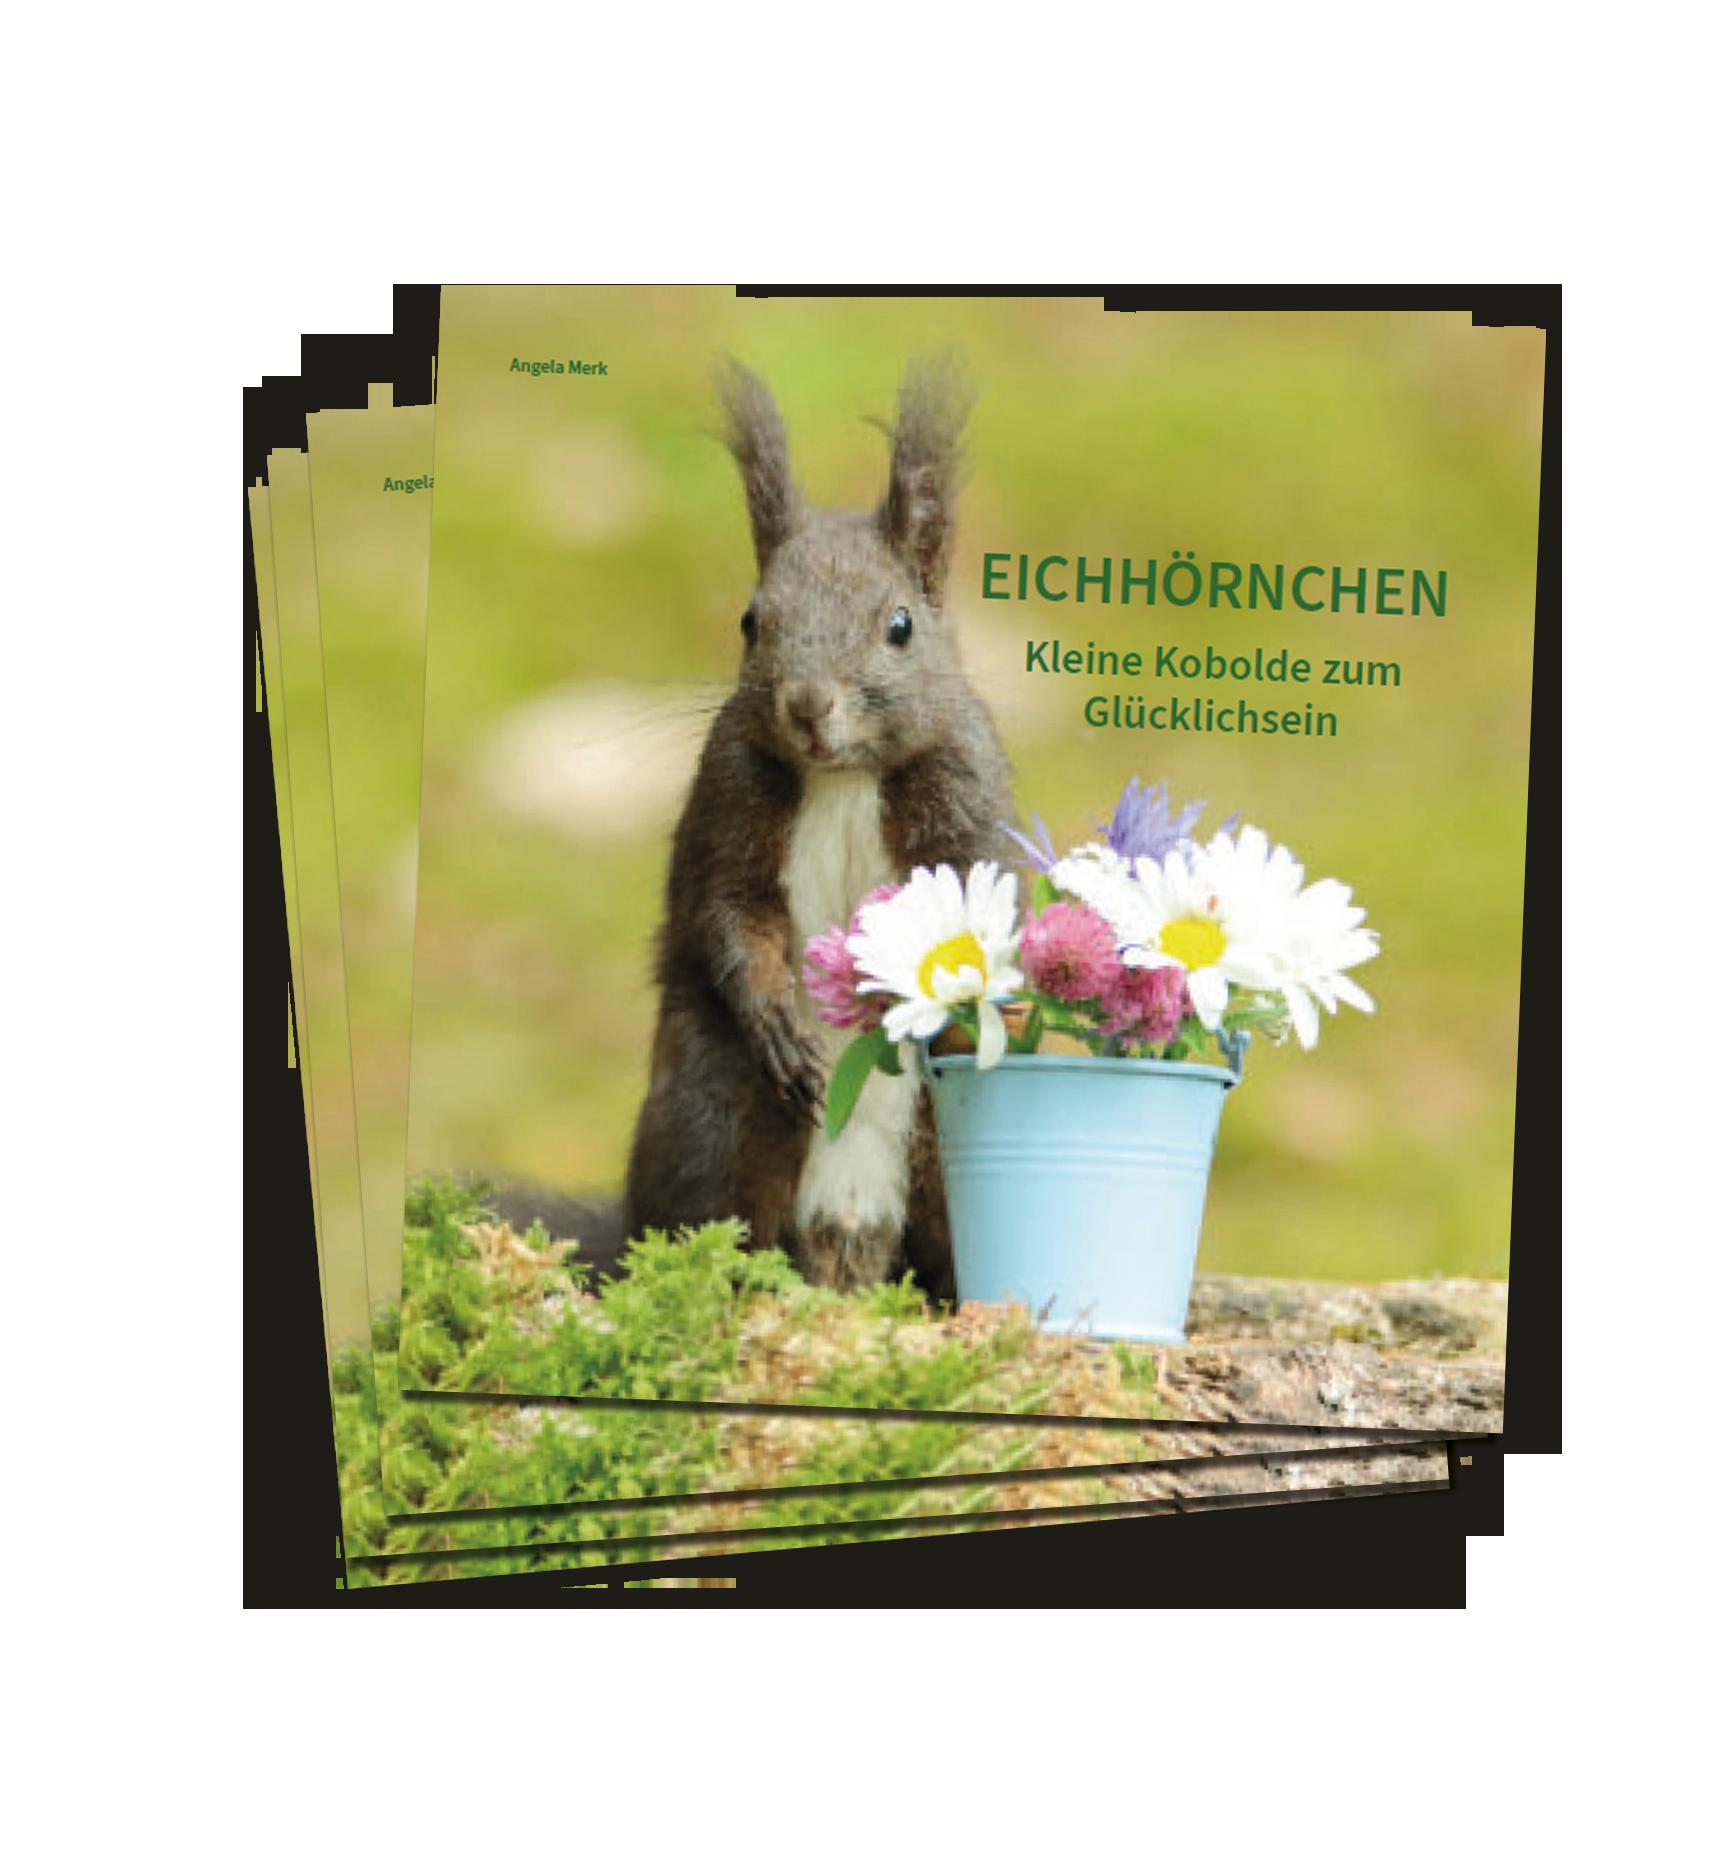 Eichhörnchen Fotobuch kaufen